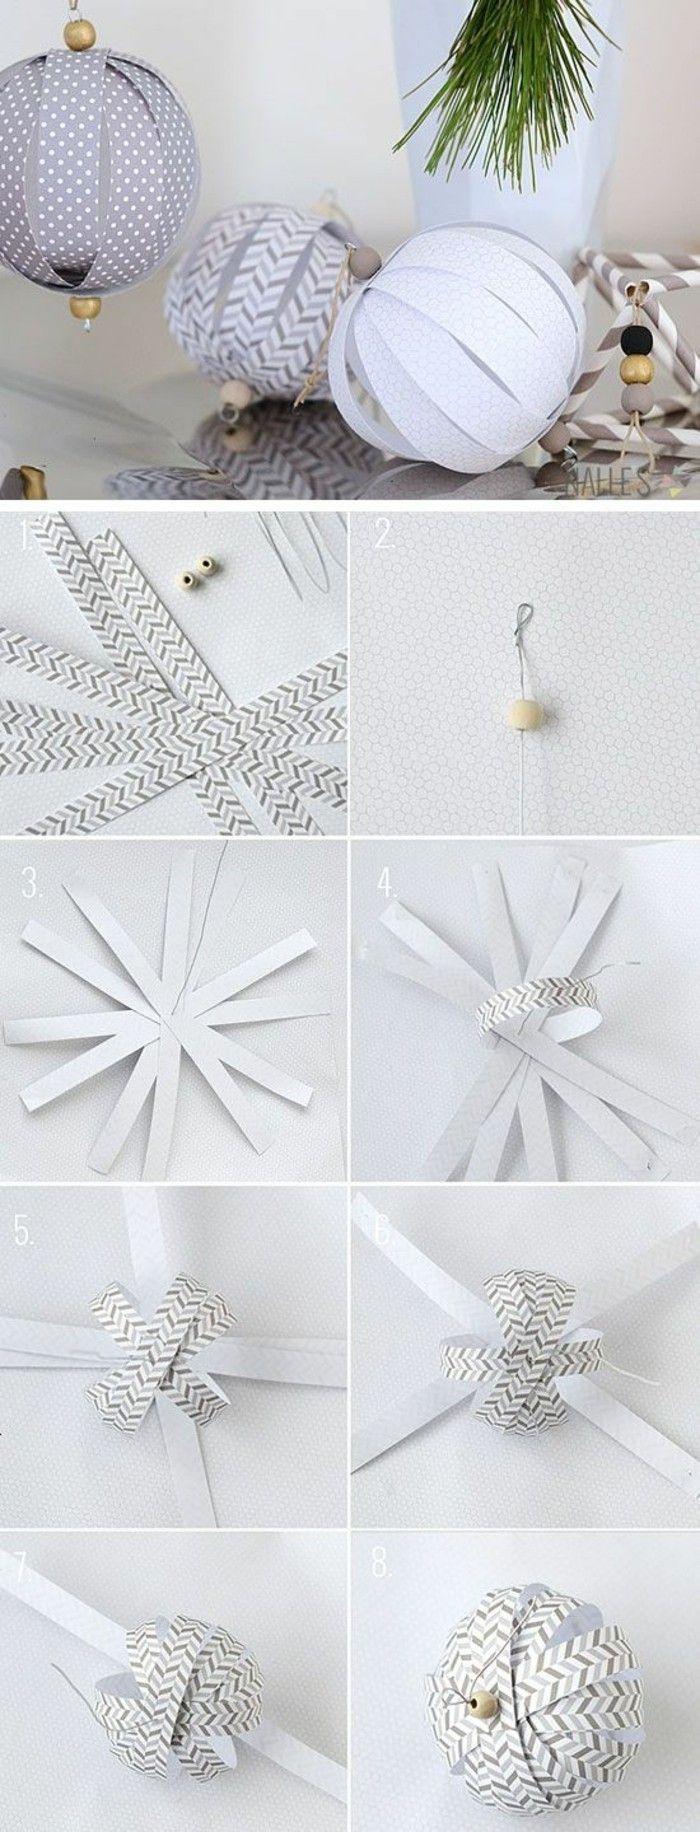 Paper Ornament balls